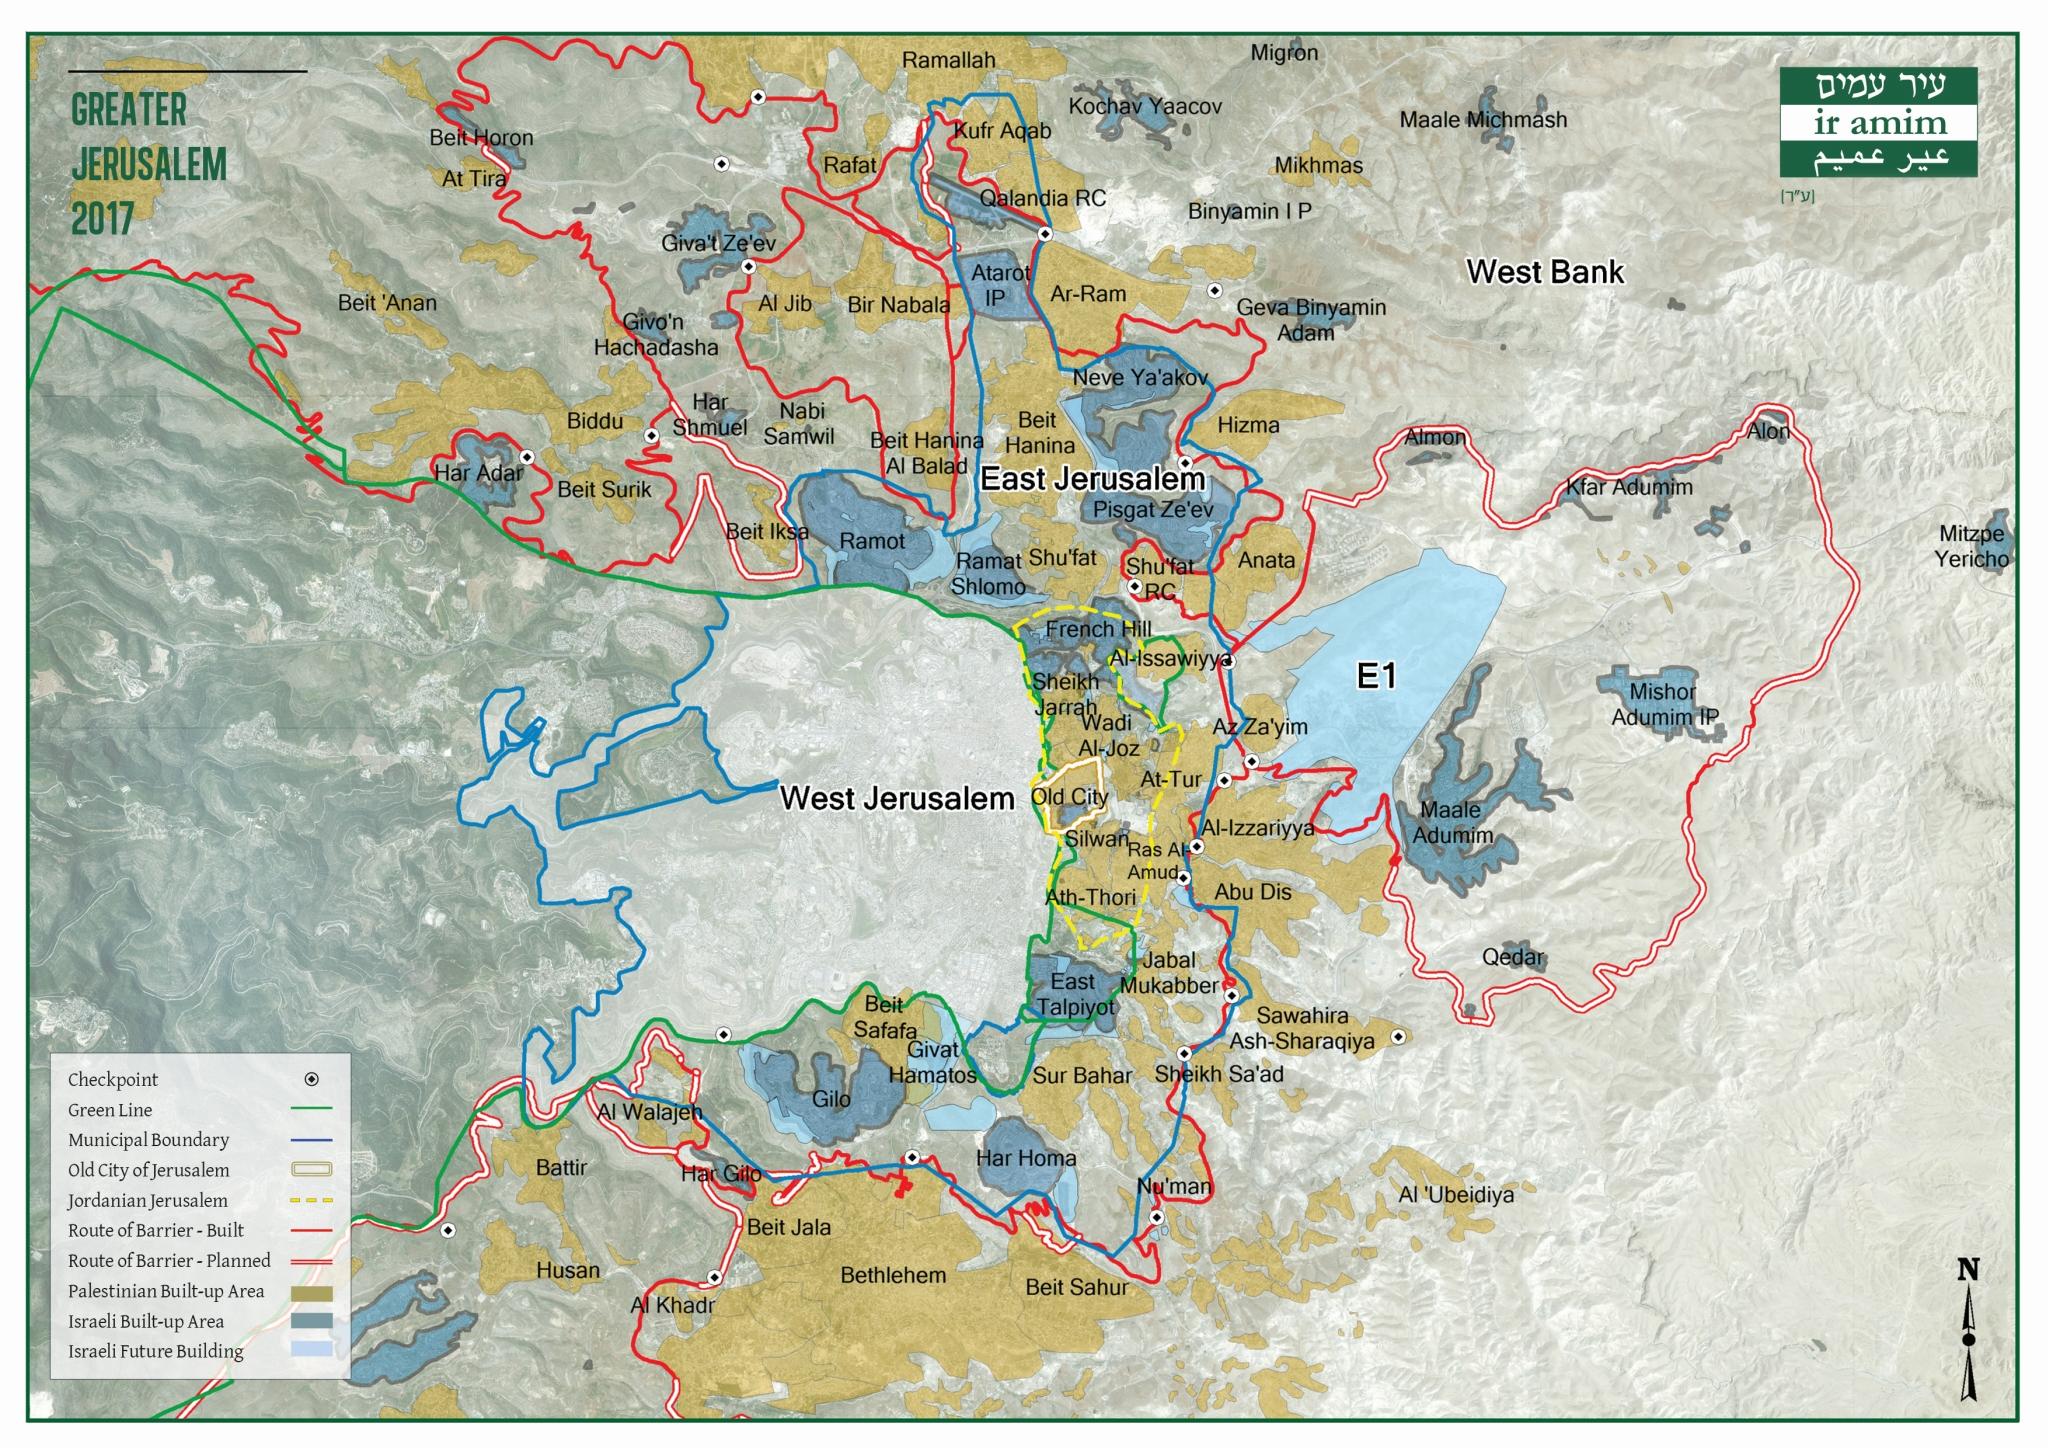 Greater Jerusalem 2017